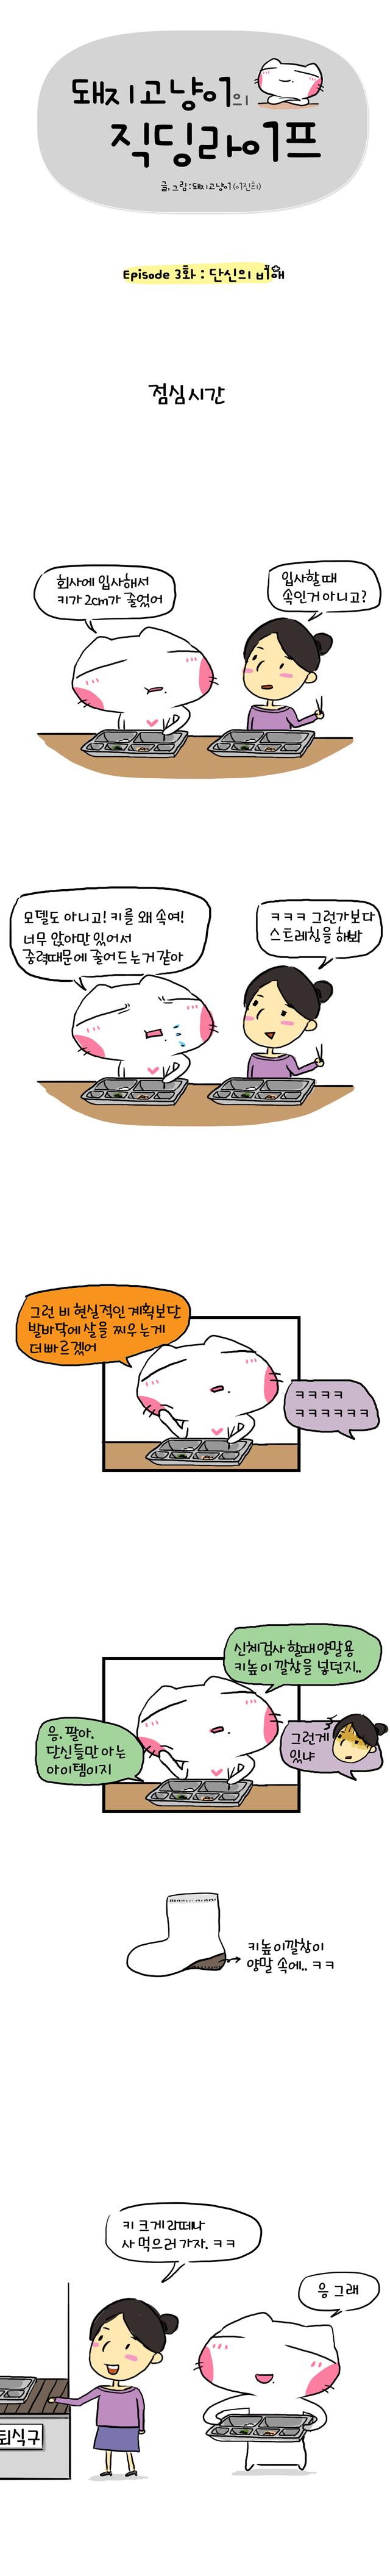 돼지고냥이의 직딩라이프 3화 (1)